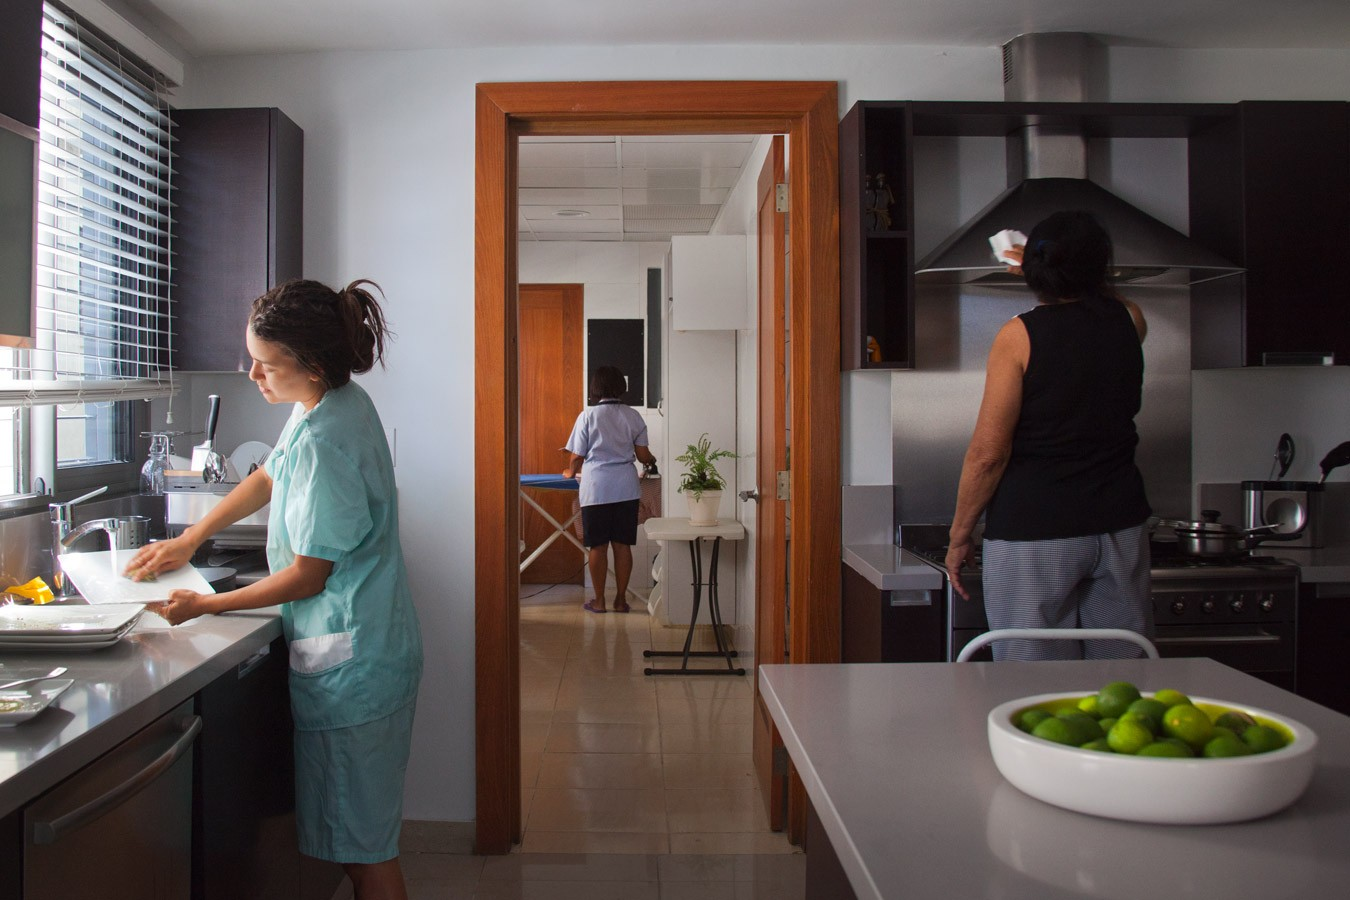 Domestic Worker |  Doméstica  (2014)